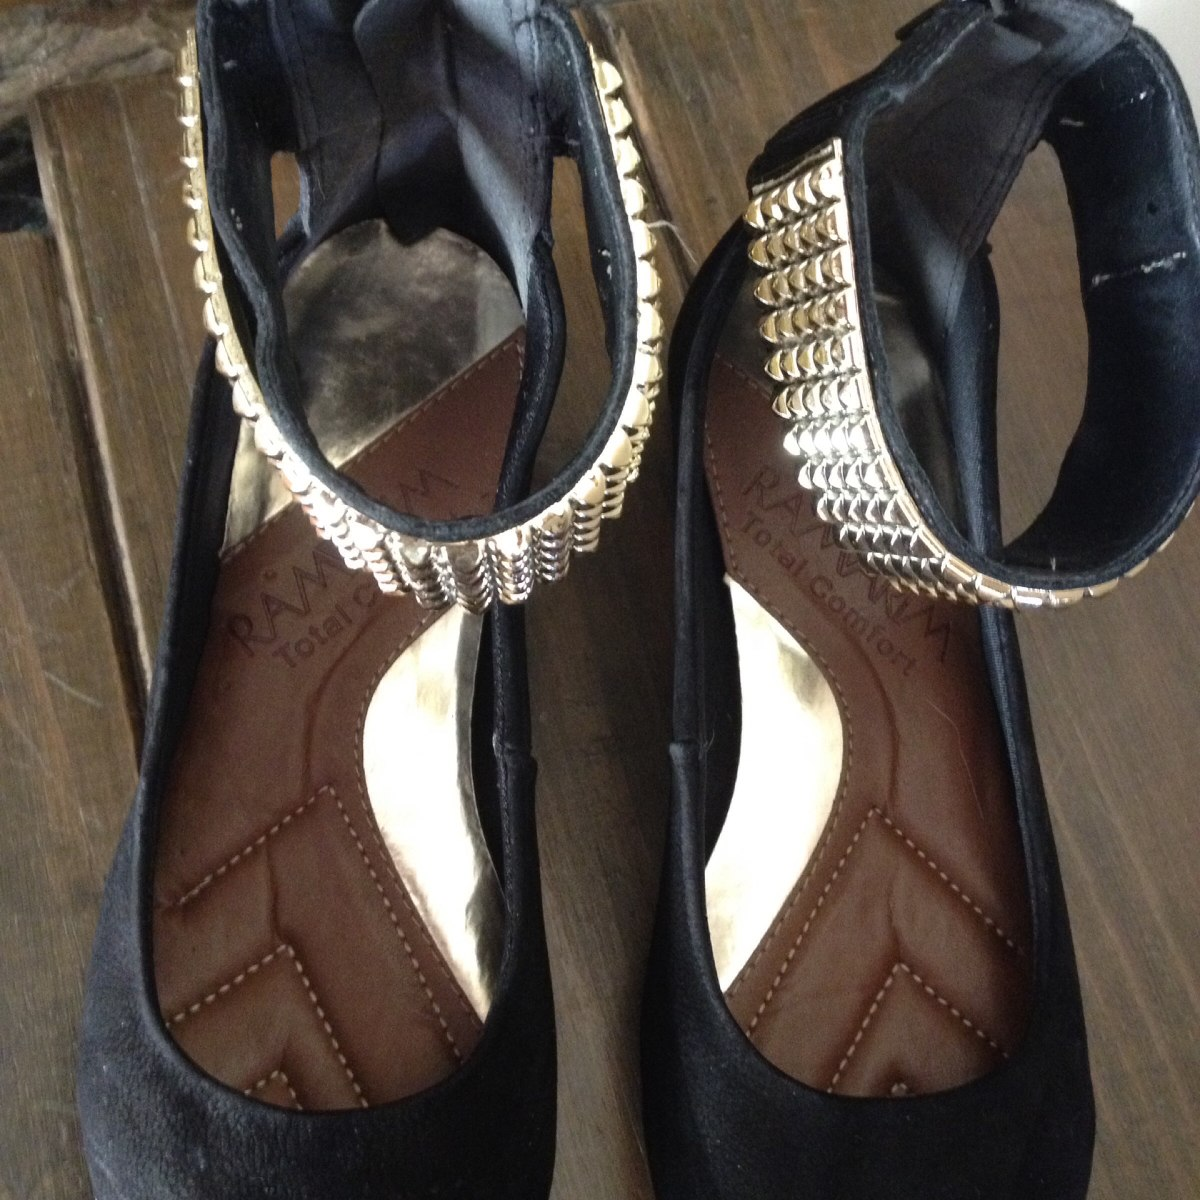 5484f48d5 sapatilha ramarim total confort preta tornozeleira dourada. Carregando zoom.